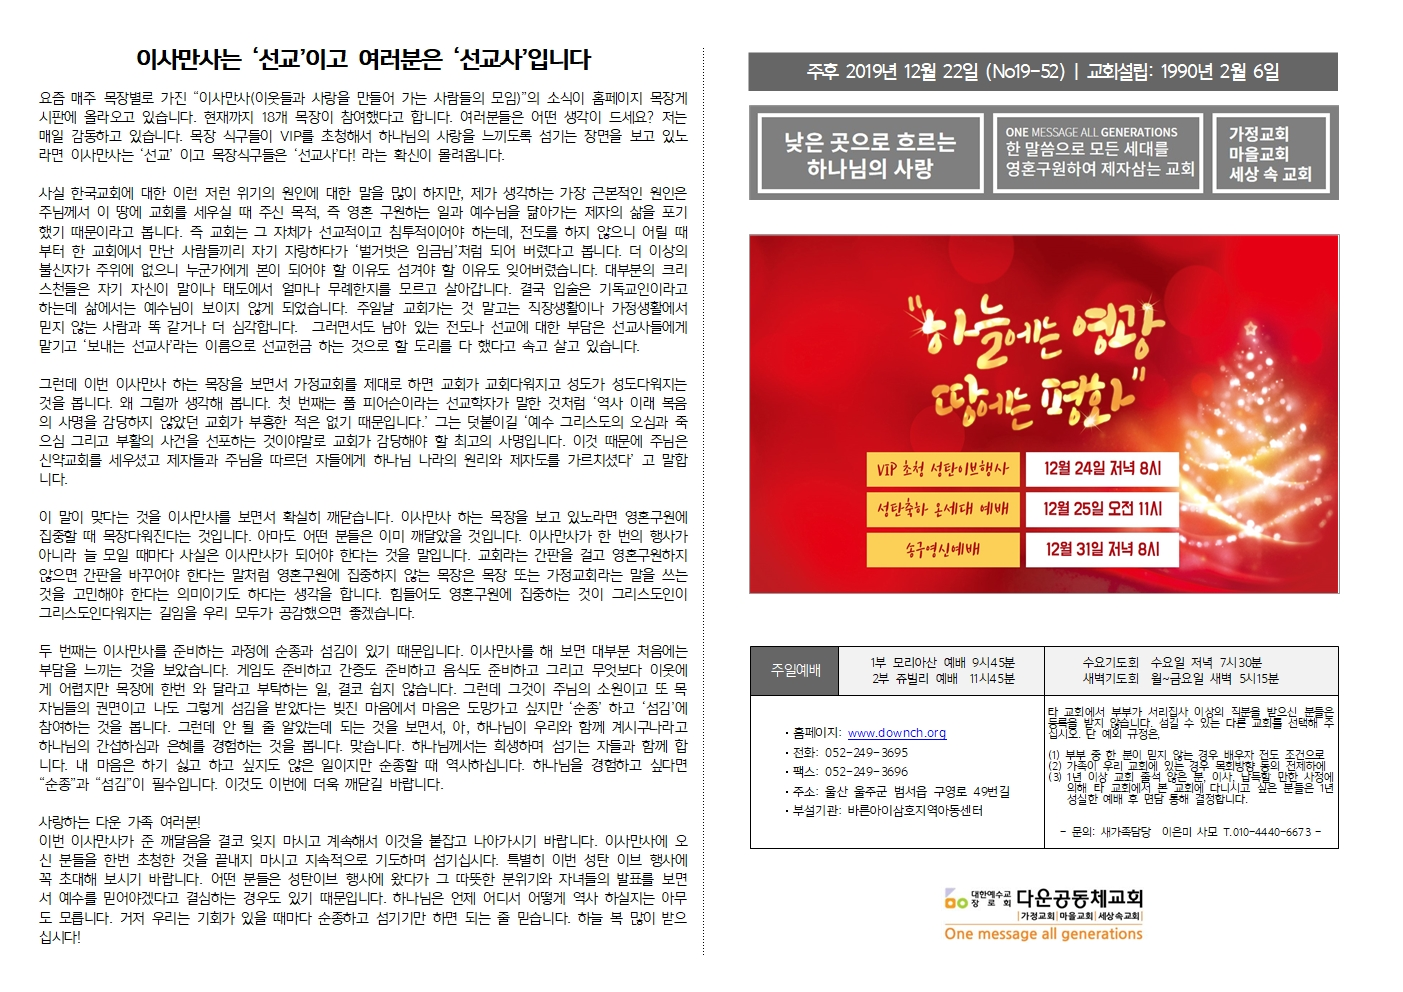 001_구영리교회주보_2019_11-12월015.jpg